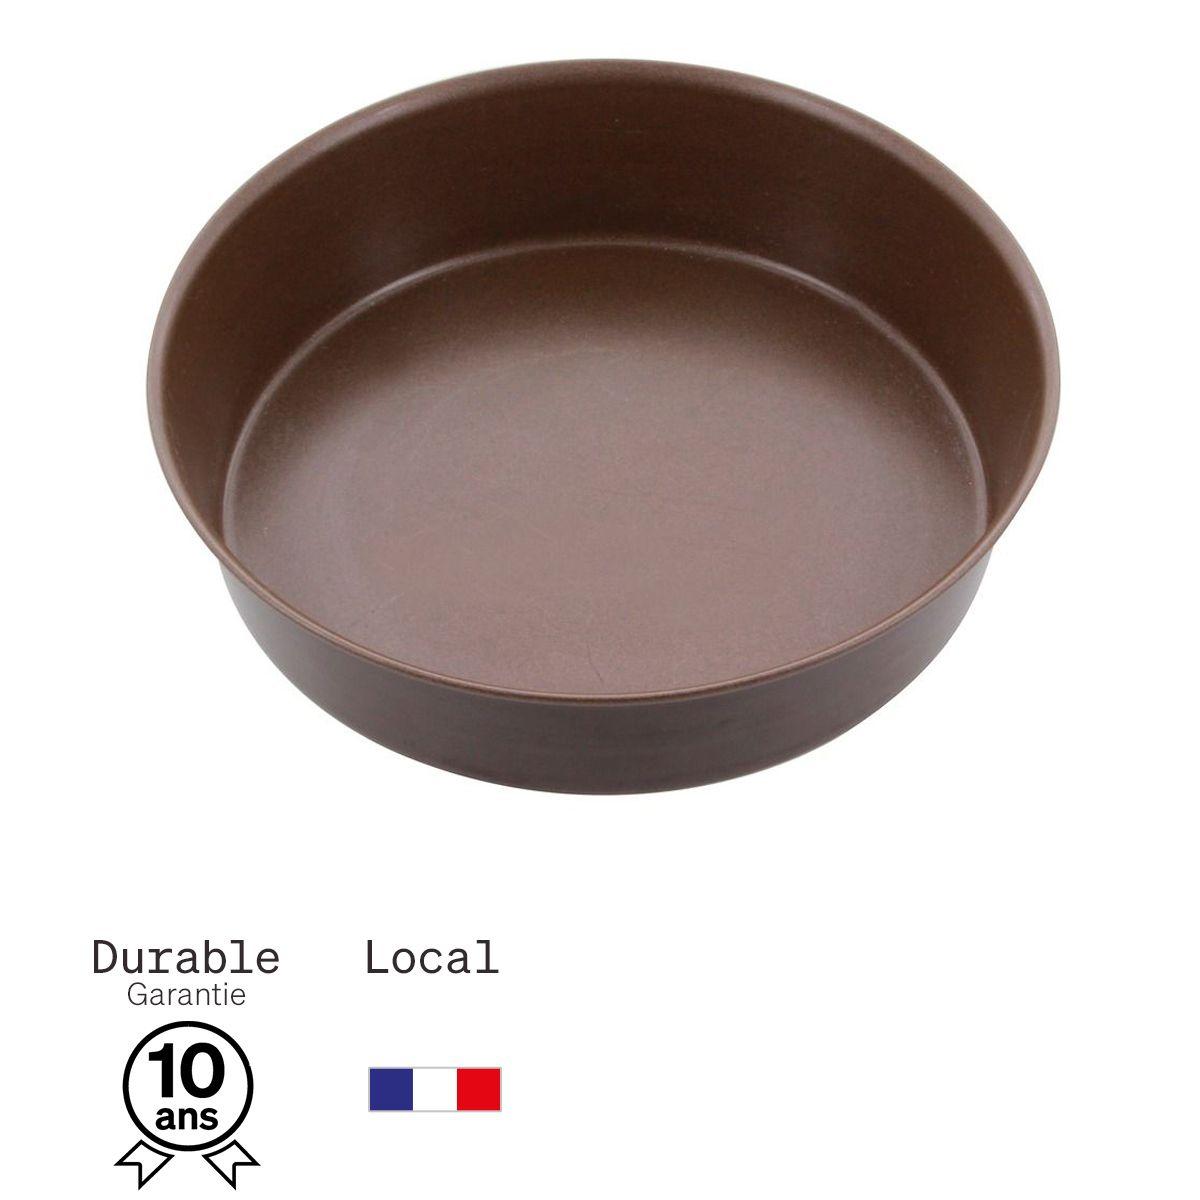 Moule à manqué en métal anti adhérent 4/6 parts 20 cm - Alice Délice